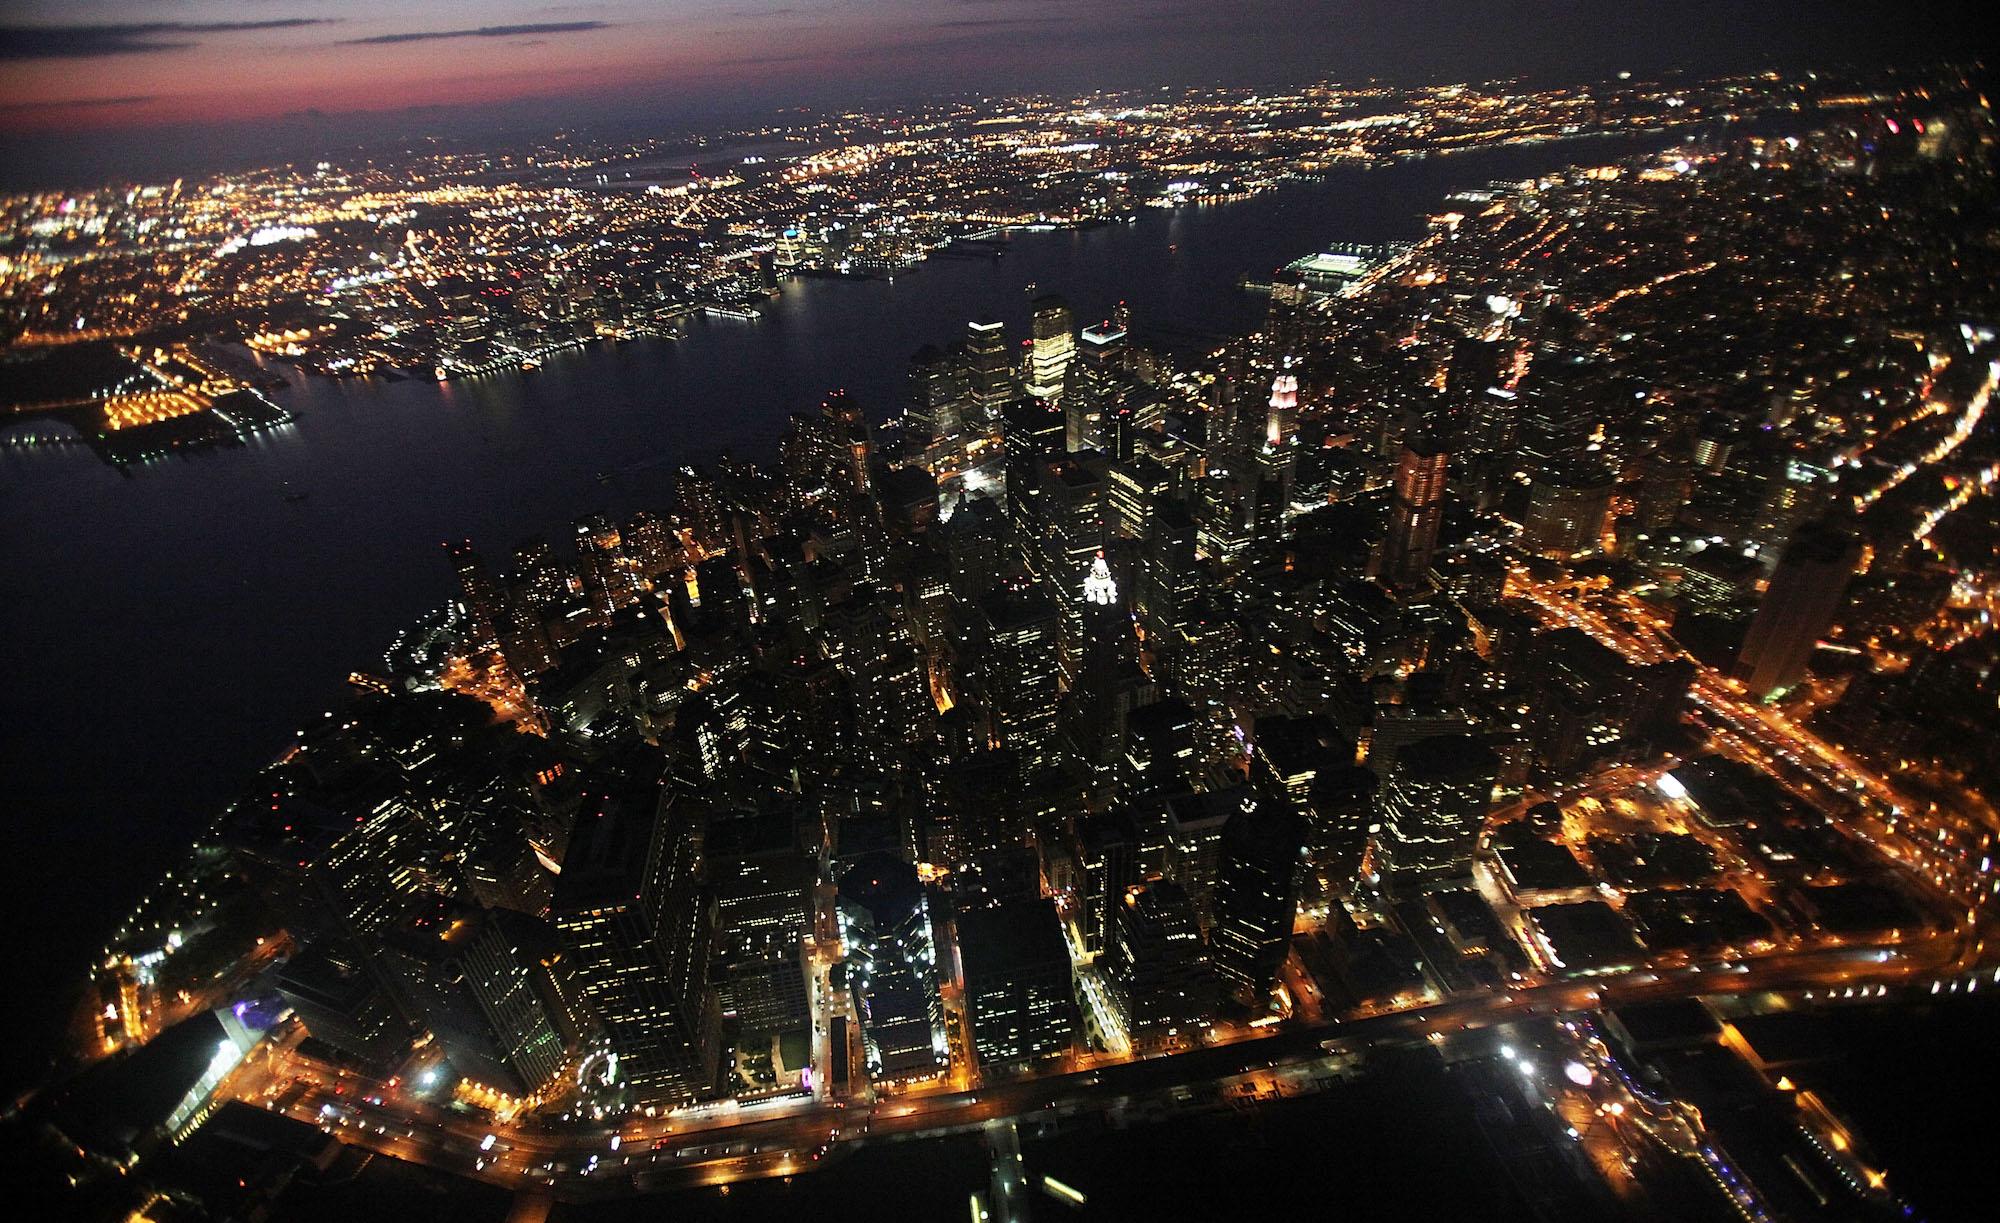 <> on September 13, 2009 in New York, New York.